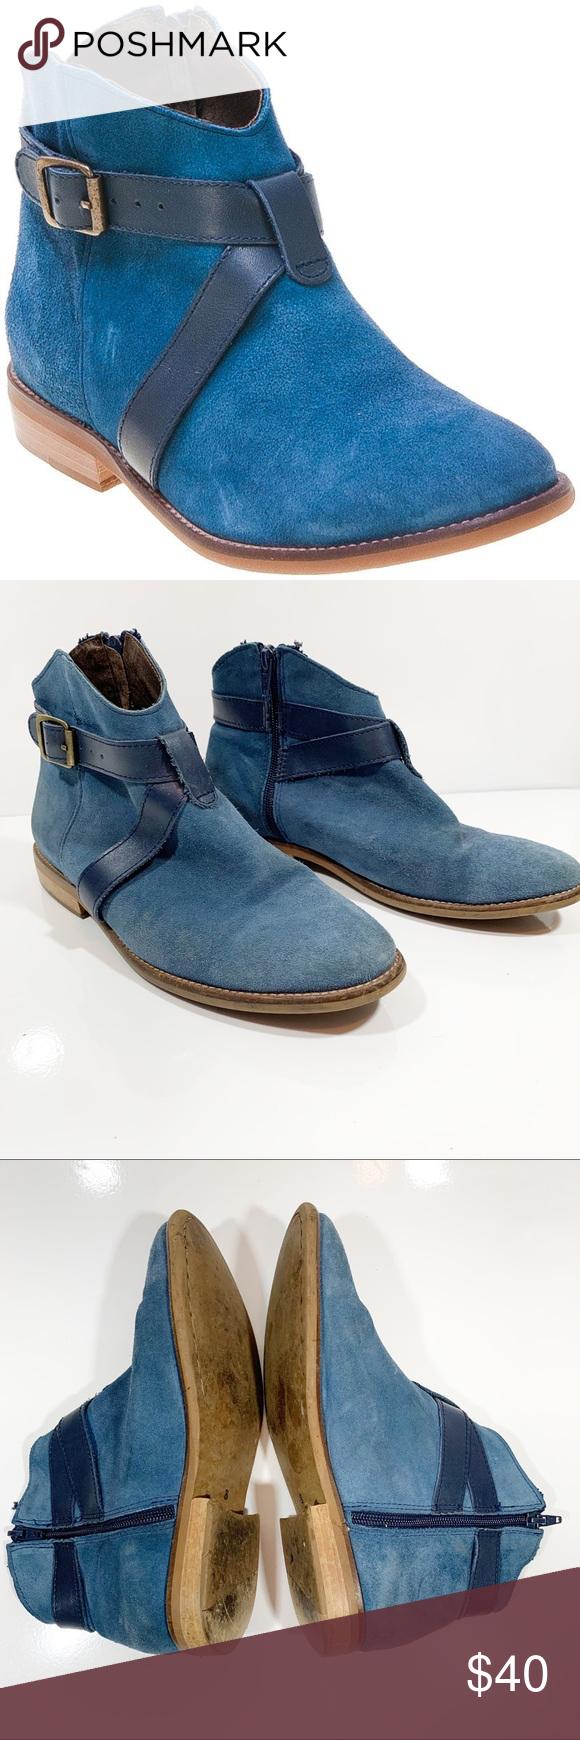 Miz Mooz Blue Ankle Boot Miro Bootie Suede Leather Miz Mooz Miro Blue Leather An…